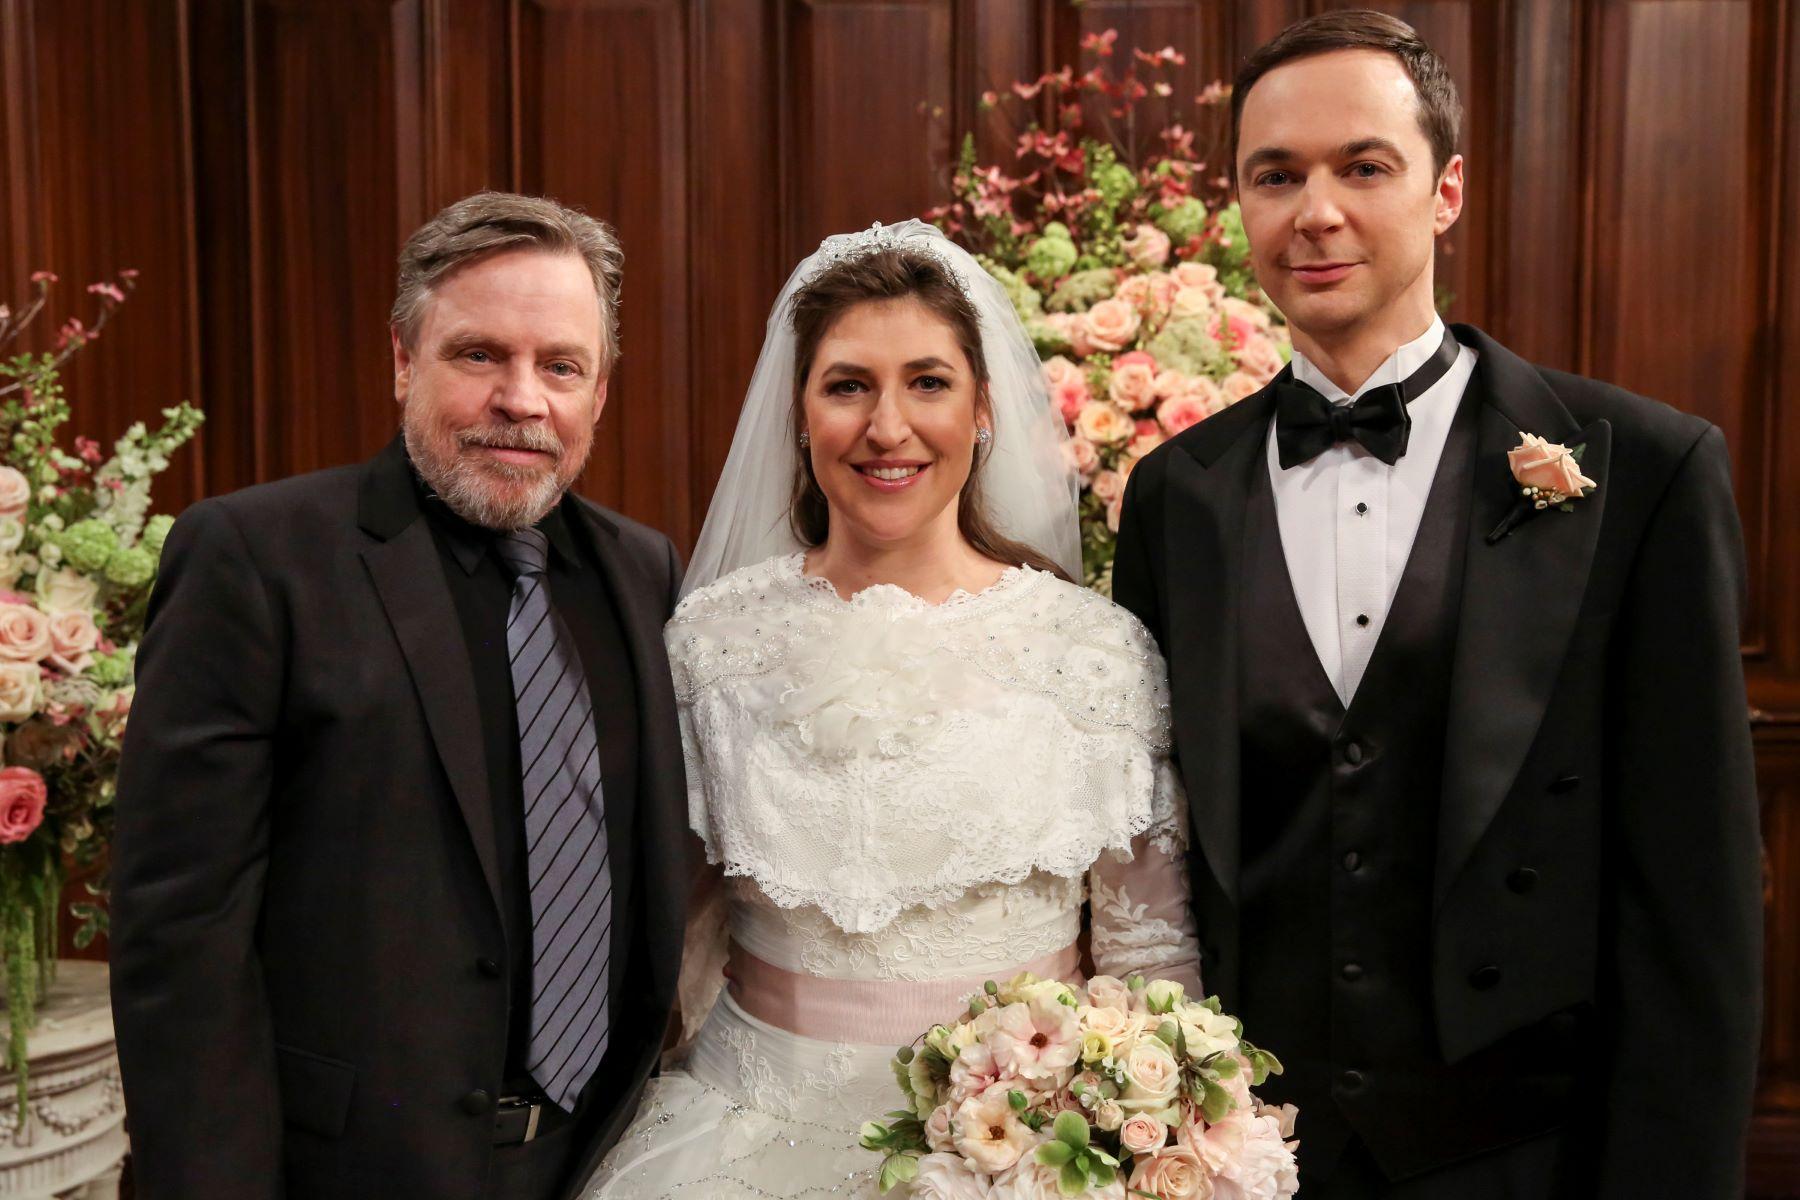 'Star Wars' star Mark Hamill, Mayim Bialik, and Jim Parsons on 'The Big Bang Theory'